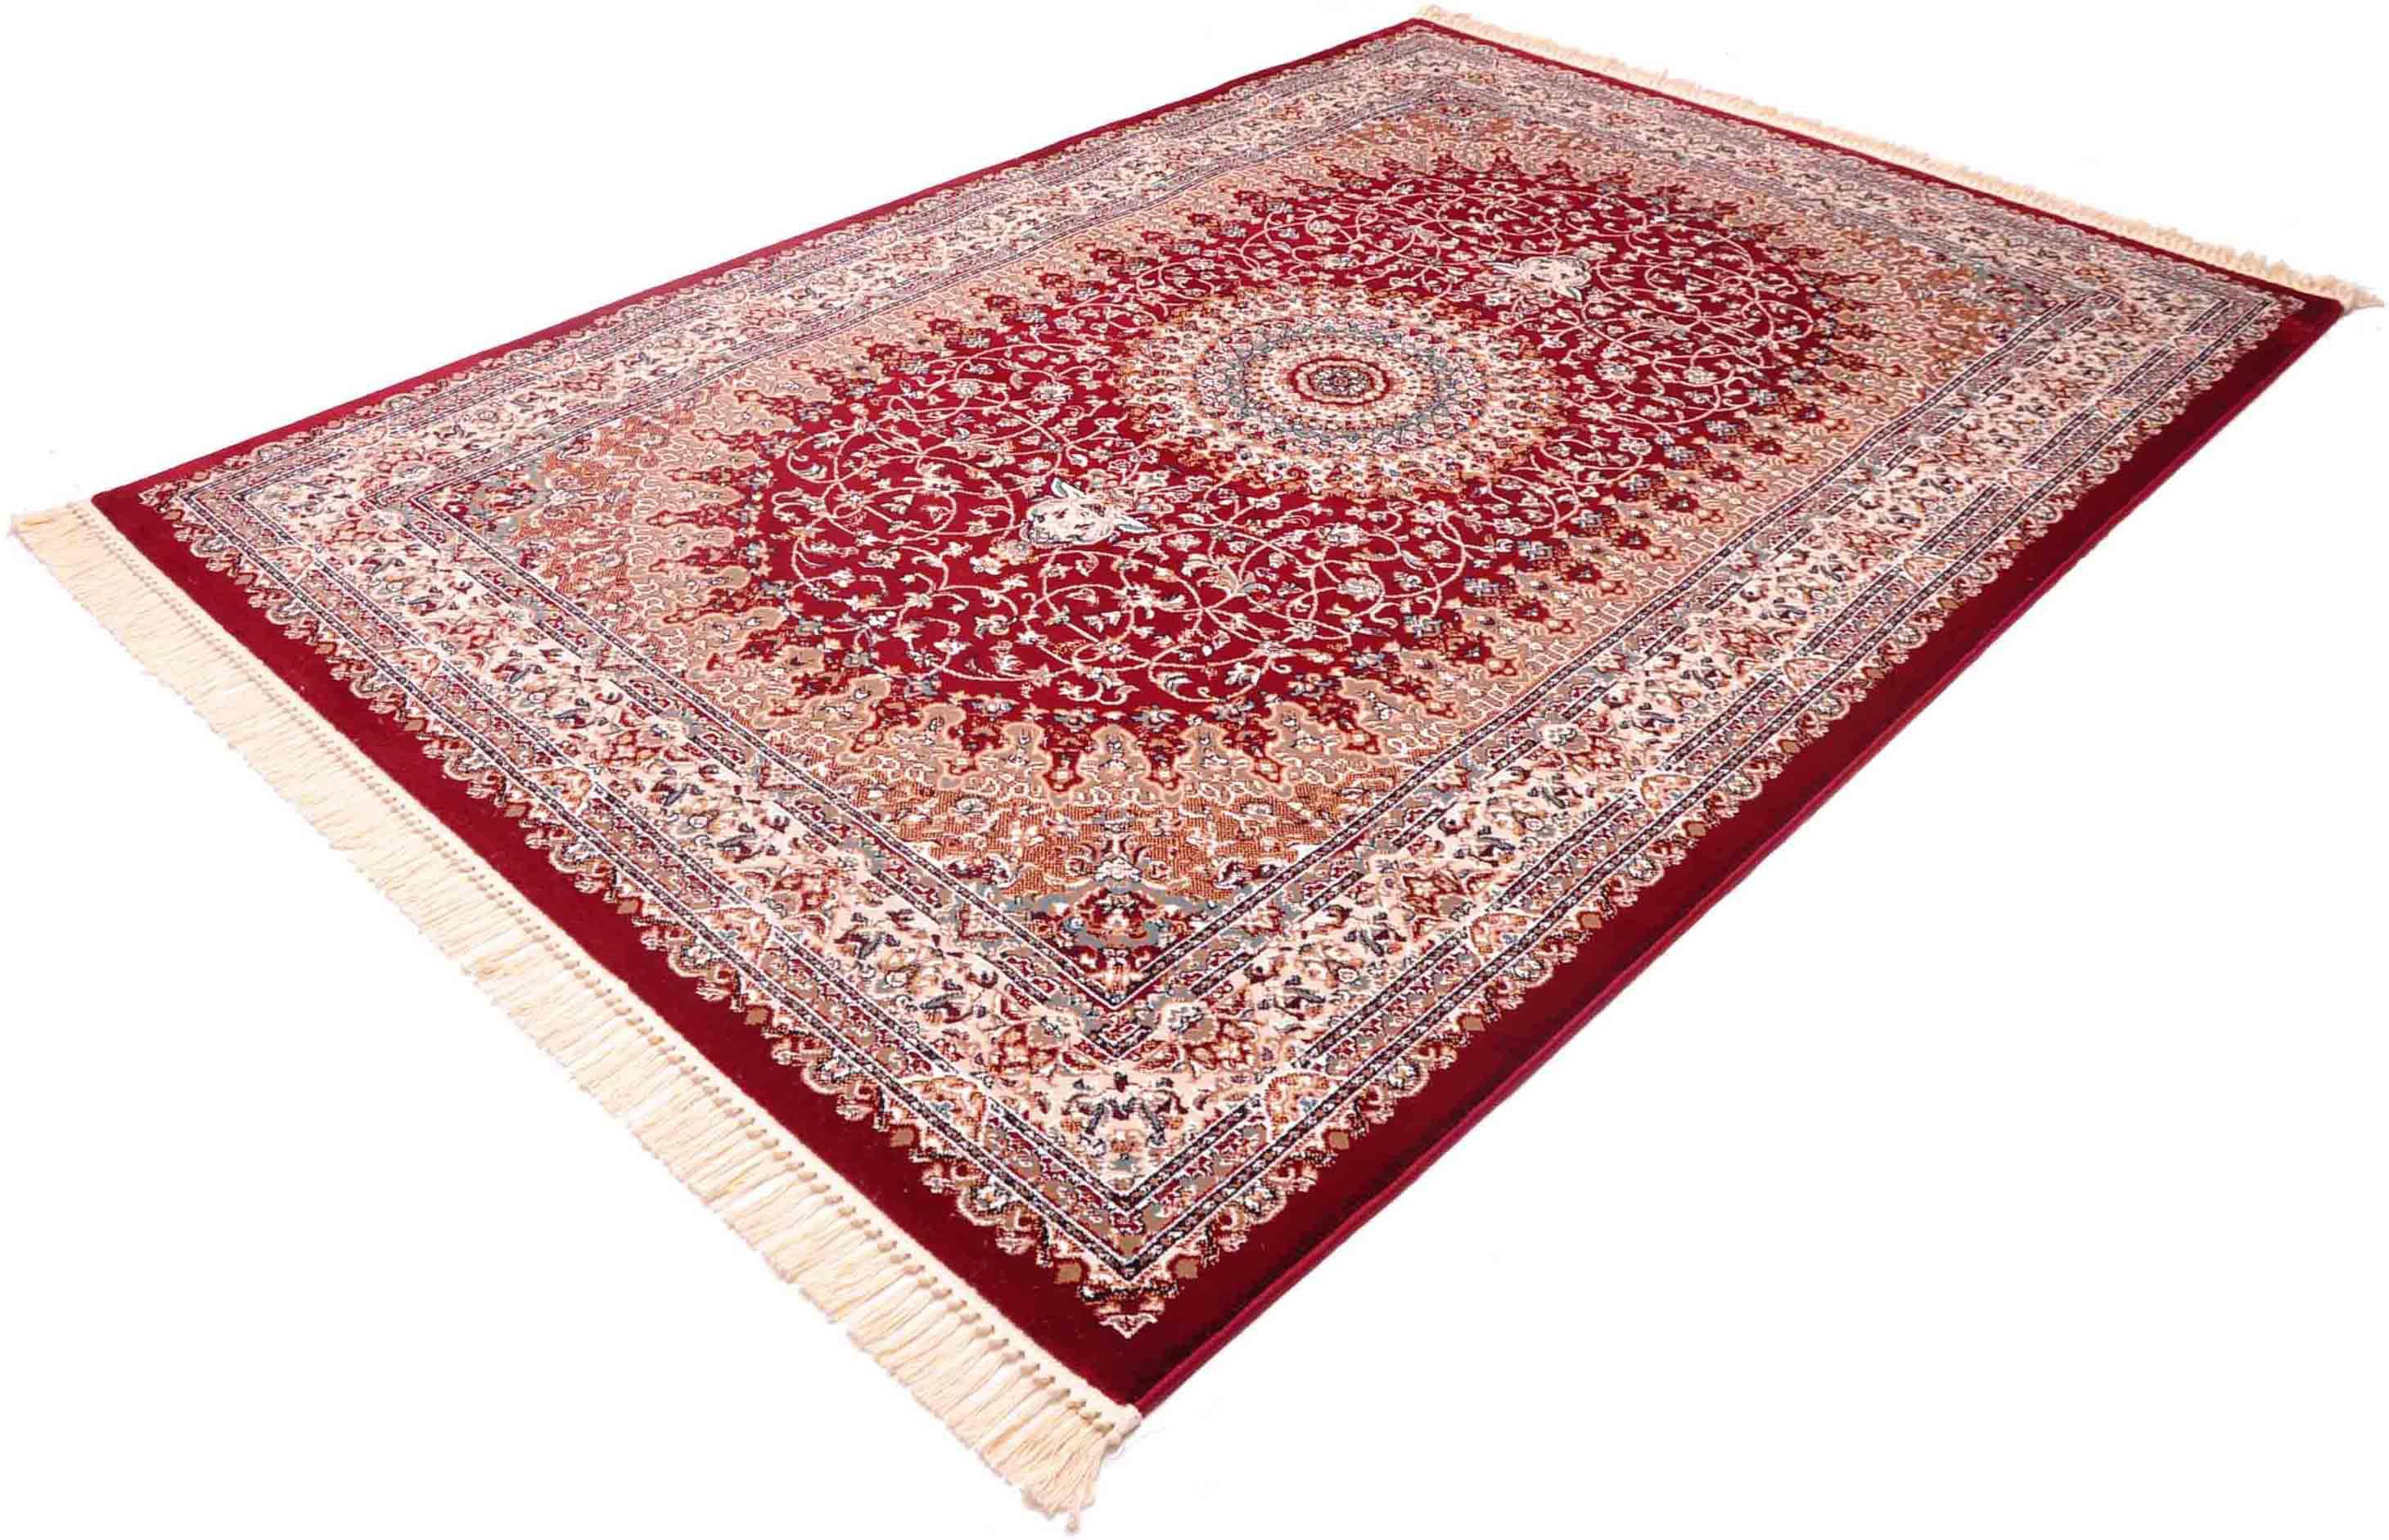 Läufer Classic 3216 Böing Carpet rechteckig Höhe 10 mm maschinell zusammengesetzt